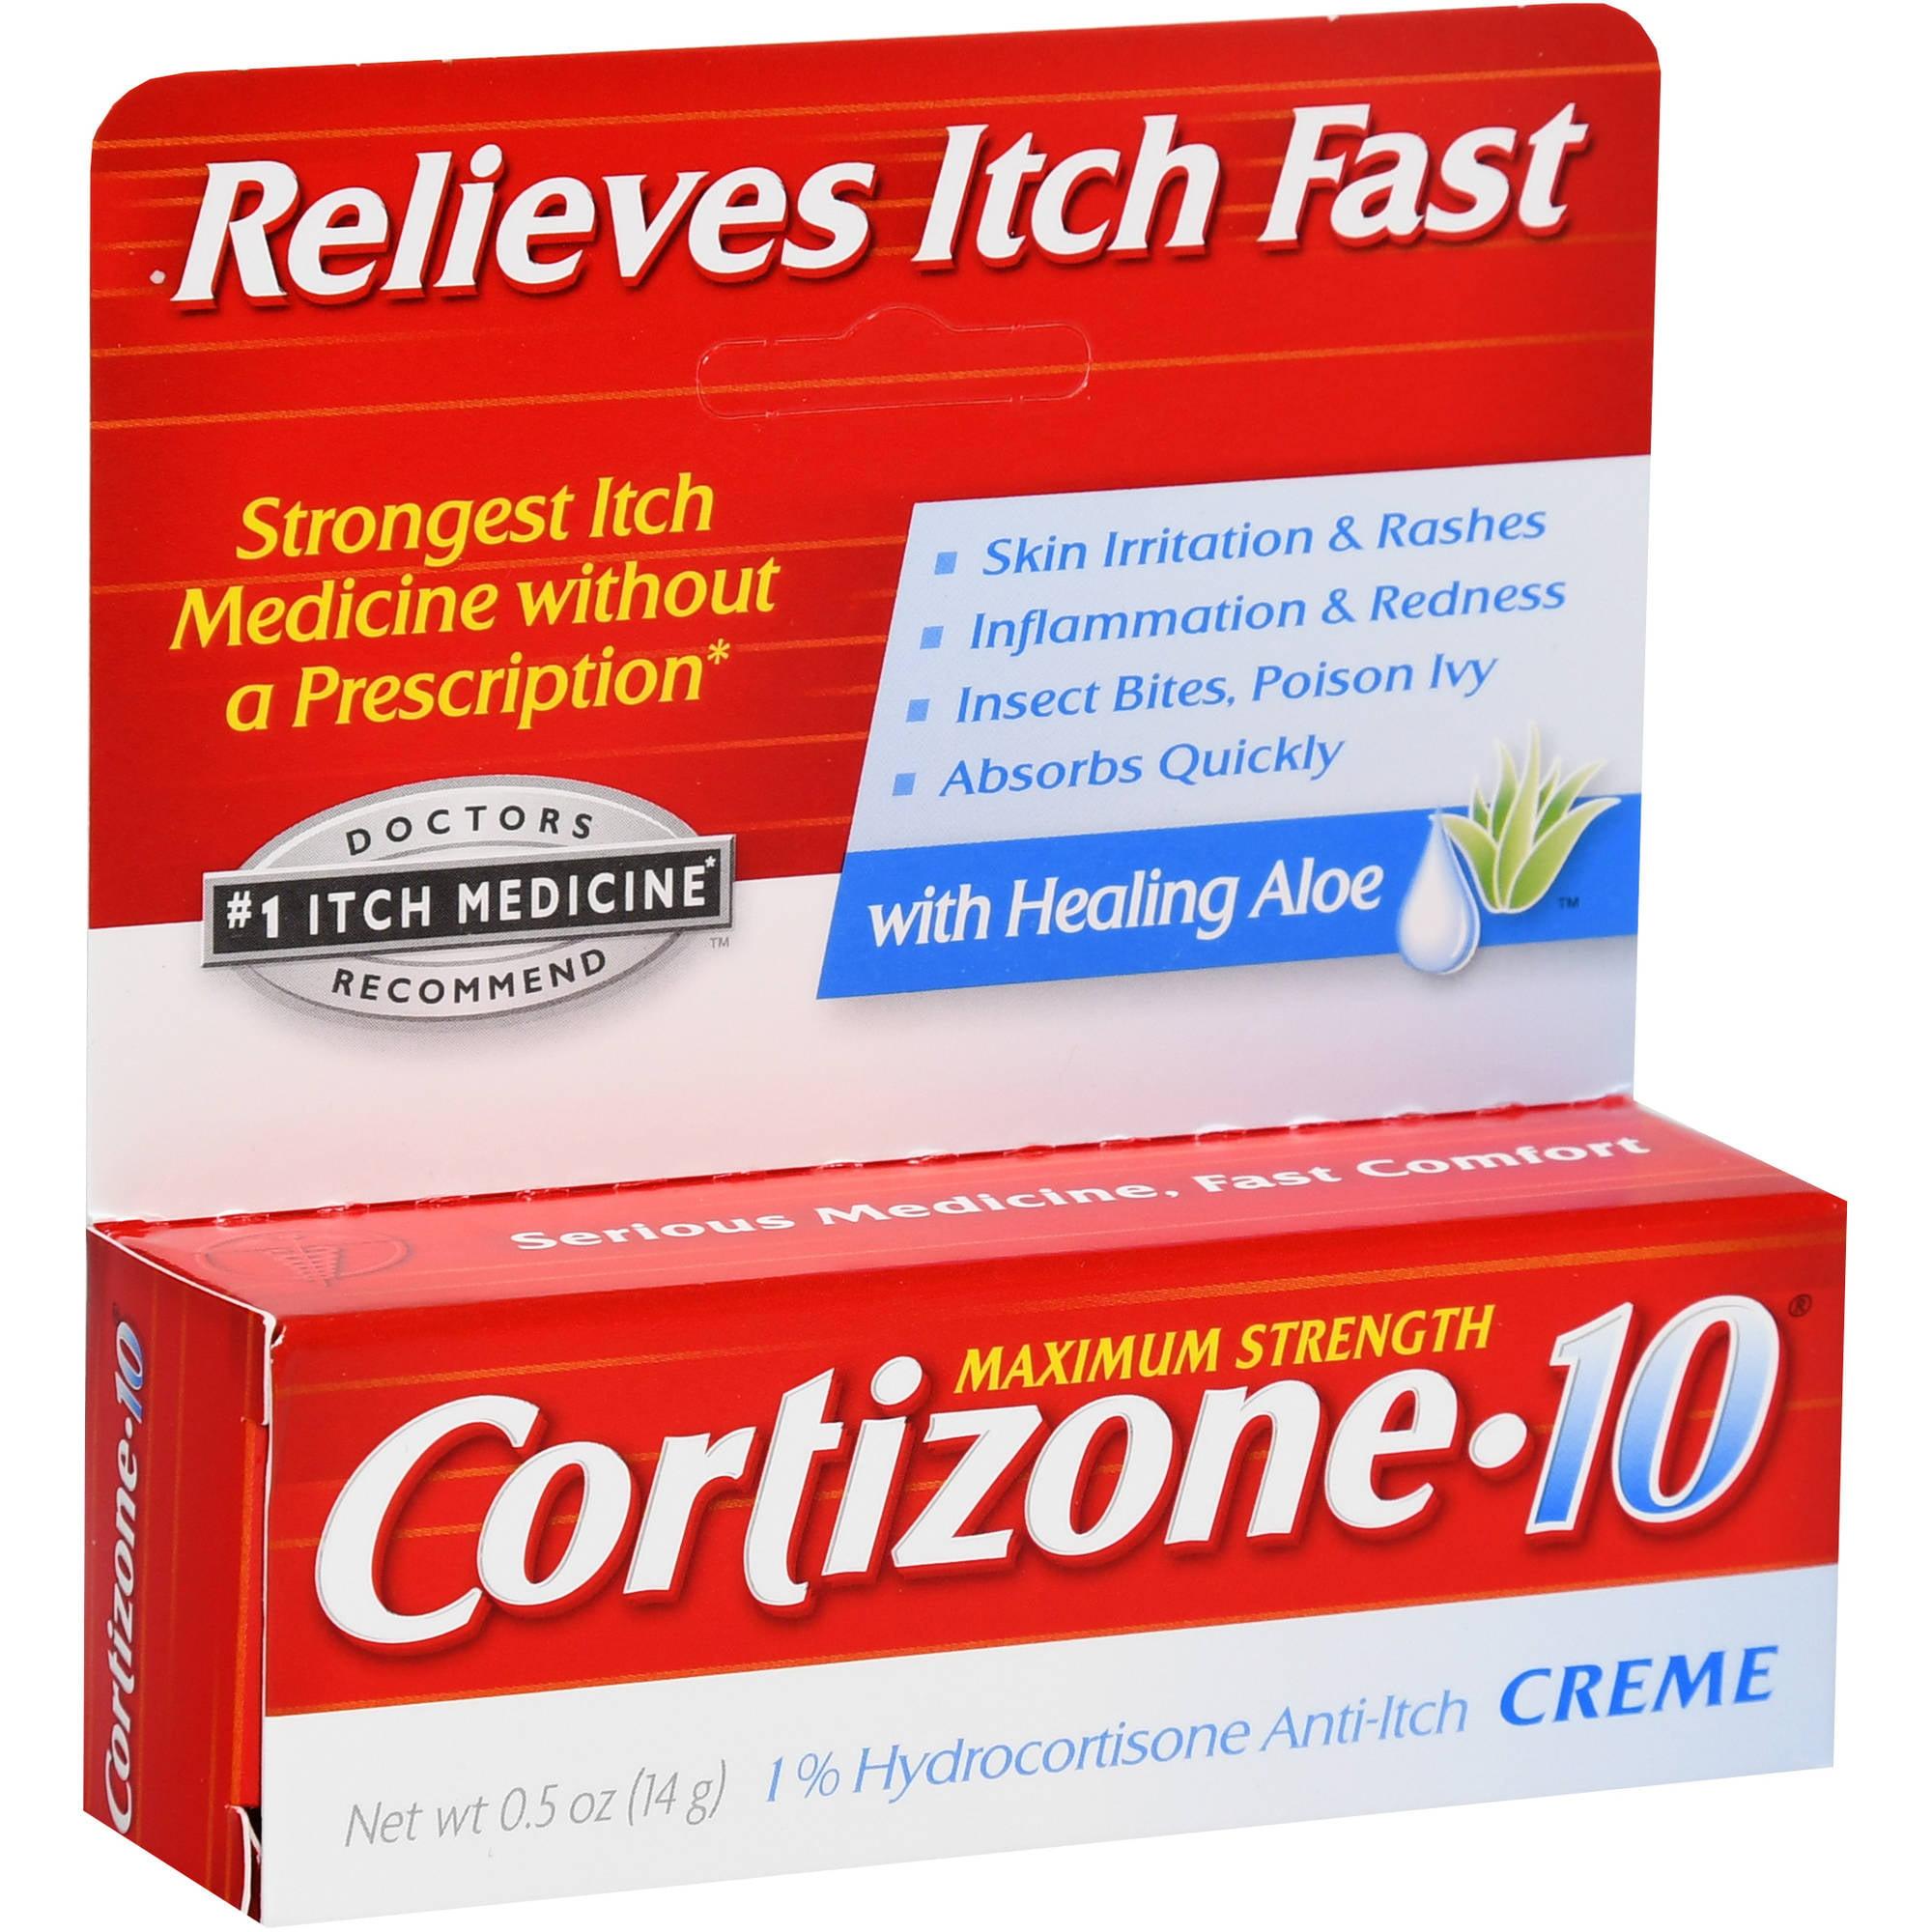 Cortizone-10 Cream, .5 oz